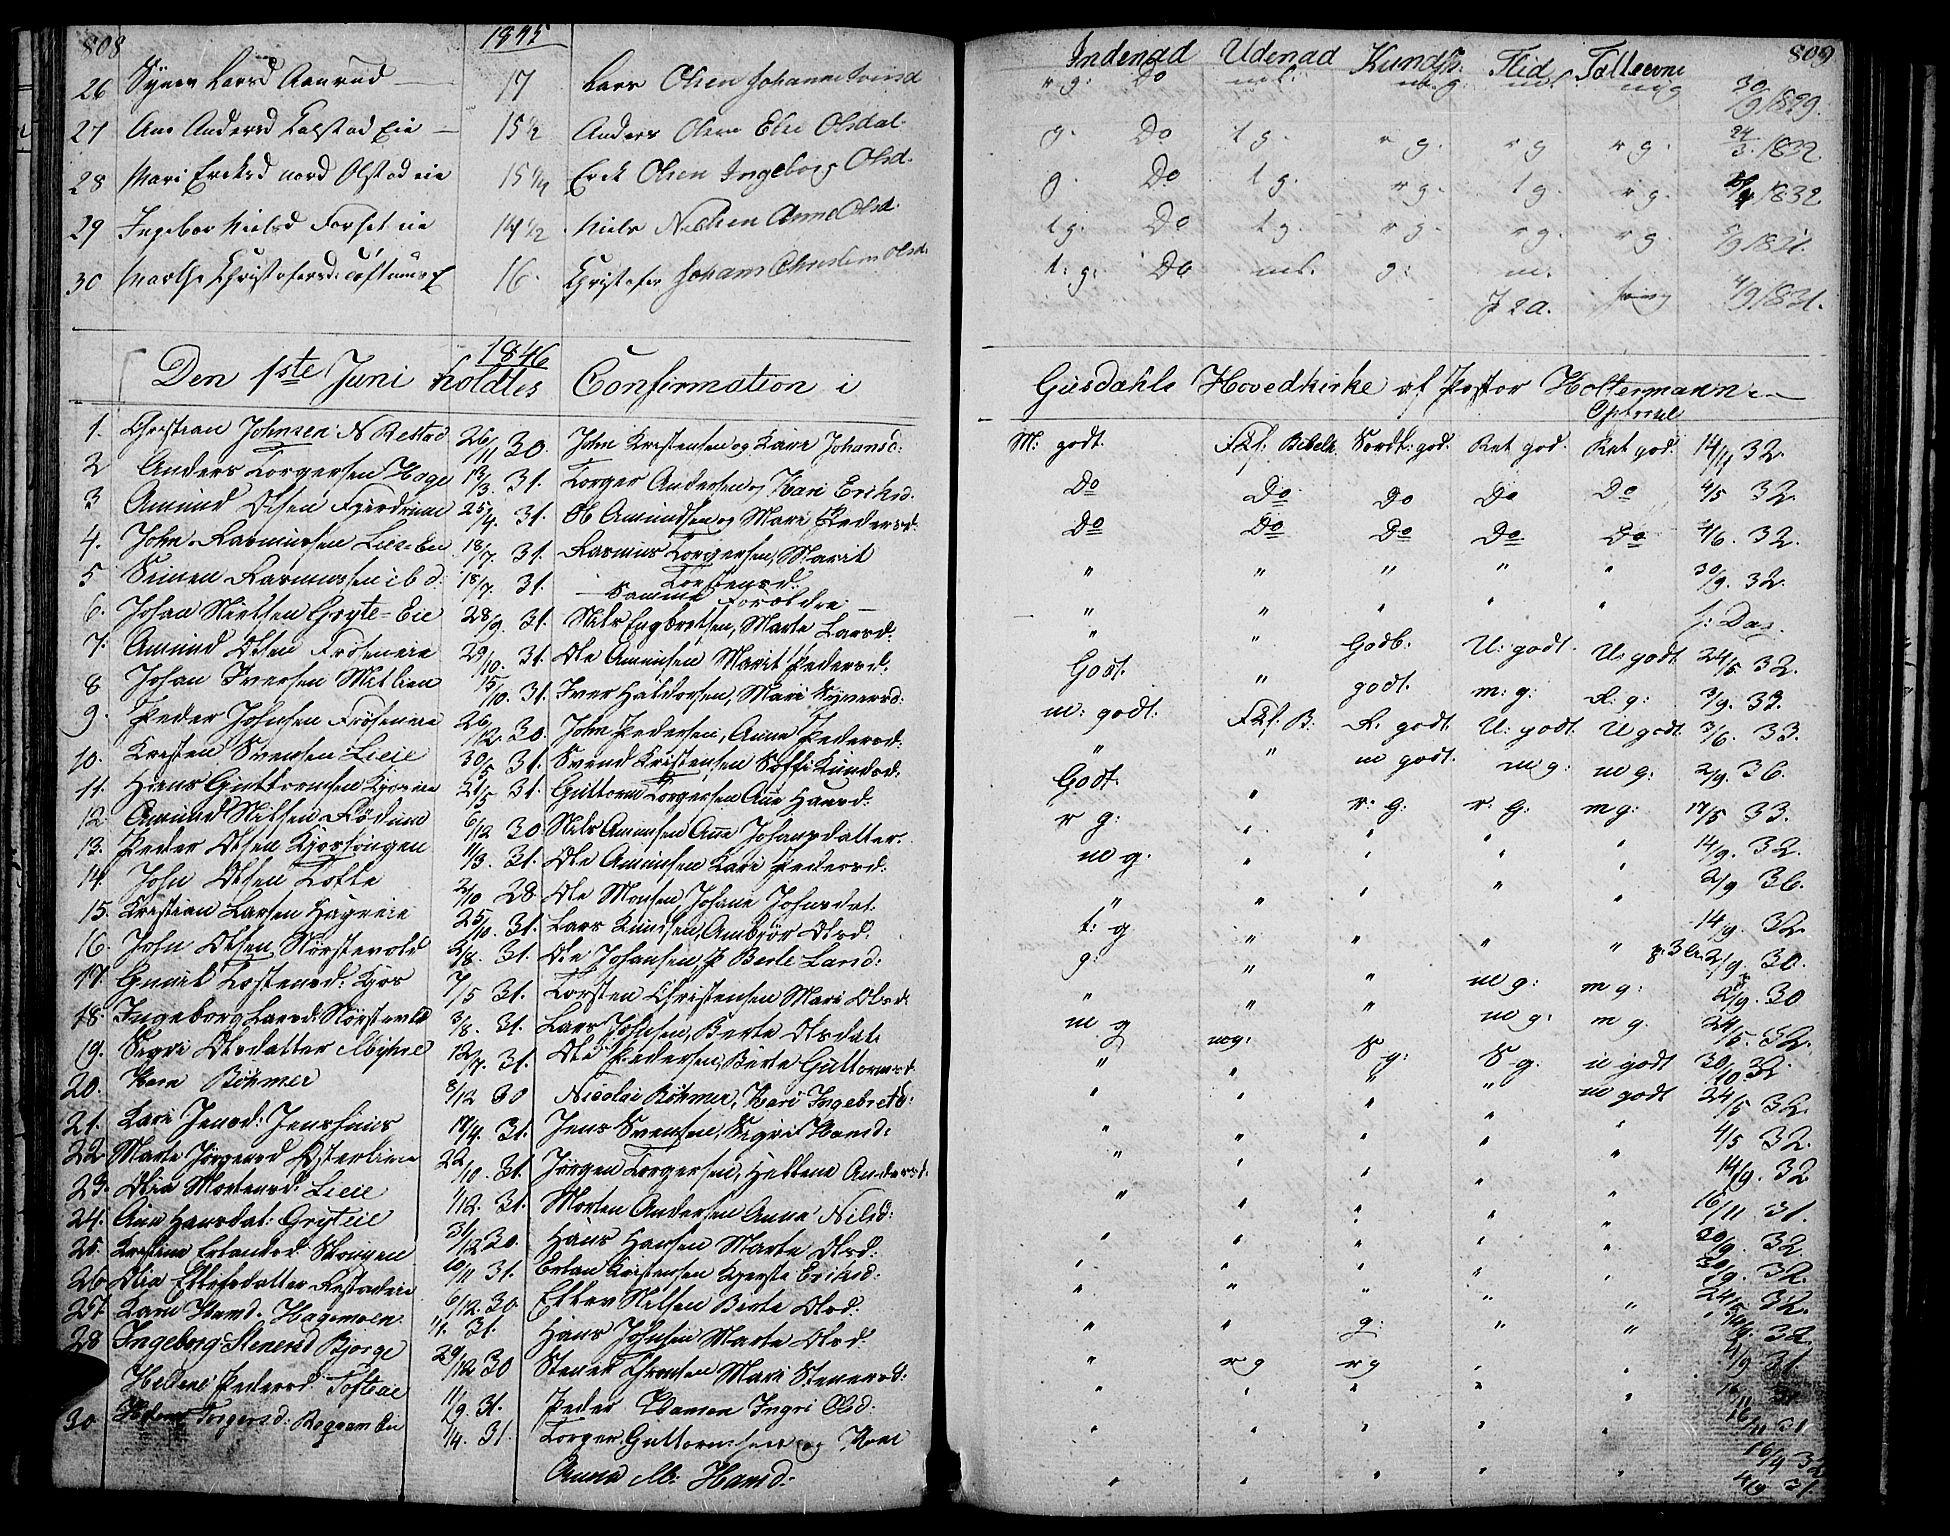 SAH, Gausdal prestekontor, Klokkerbok nr. 4, 1835-1870, s. 808-809